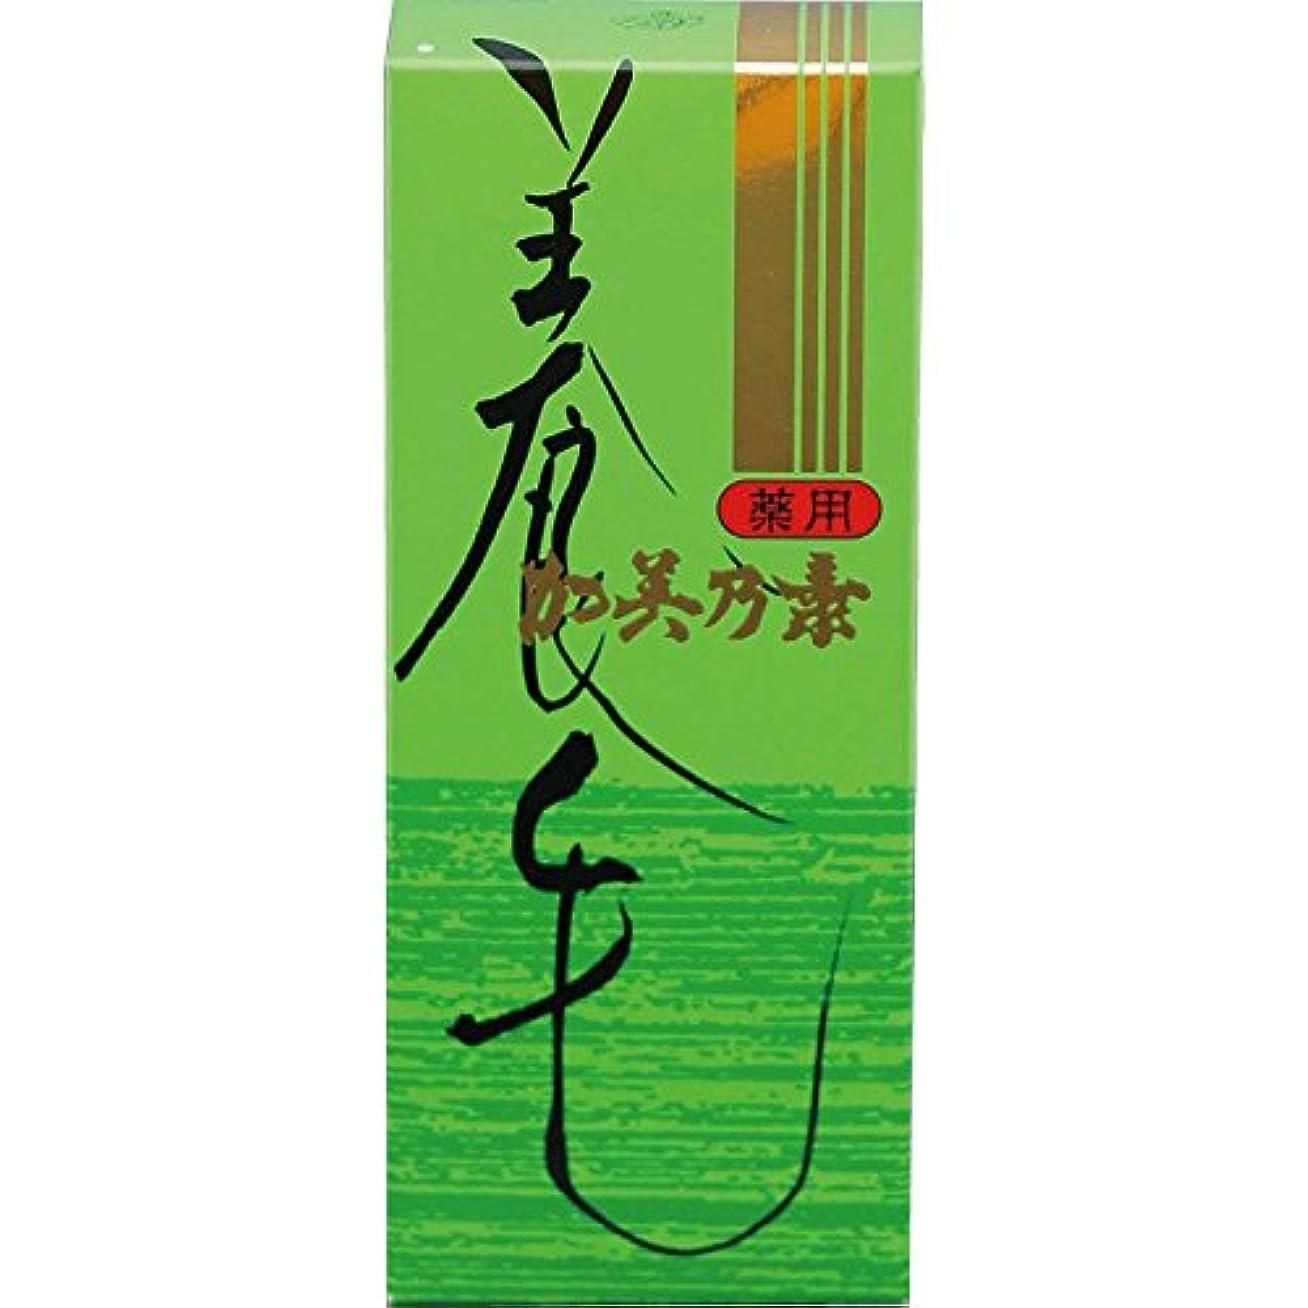 ボスあいまいなライオネルグリーンストリート薬用加美乃素 グリーンフローラルの香り 180mL×3個